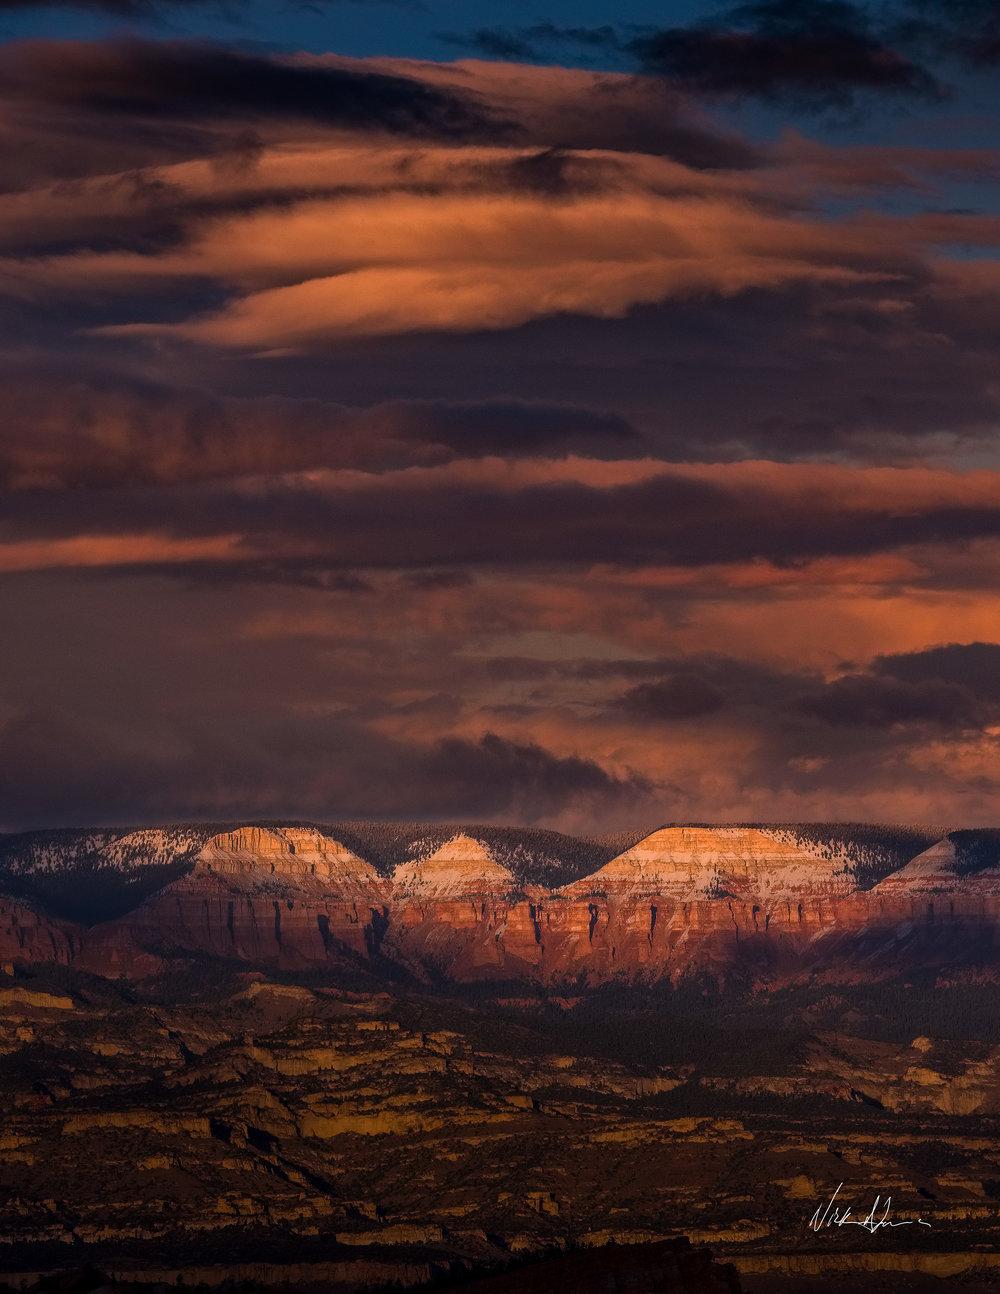 BRYCE CANYON SUNSET Bryce Canyon, UT (2018)